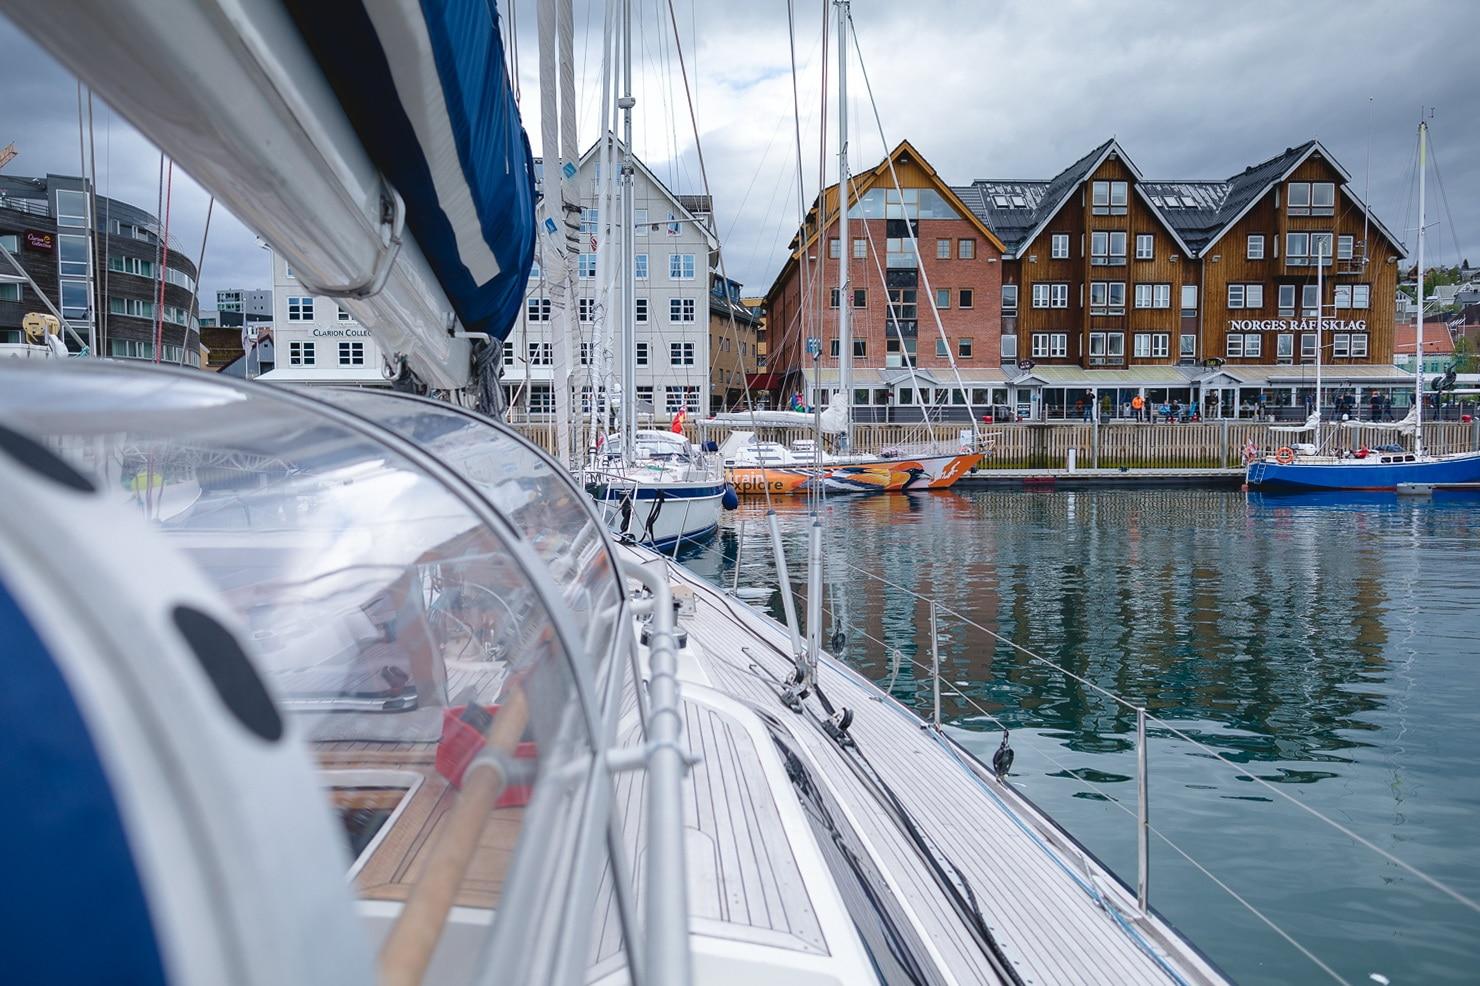 voyage en voilier norvege